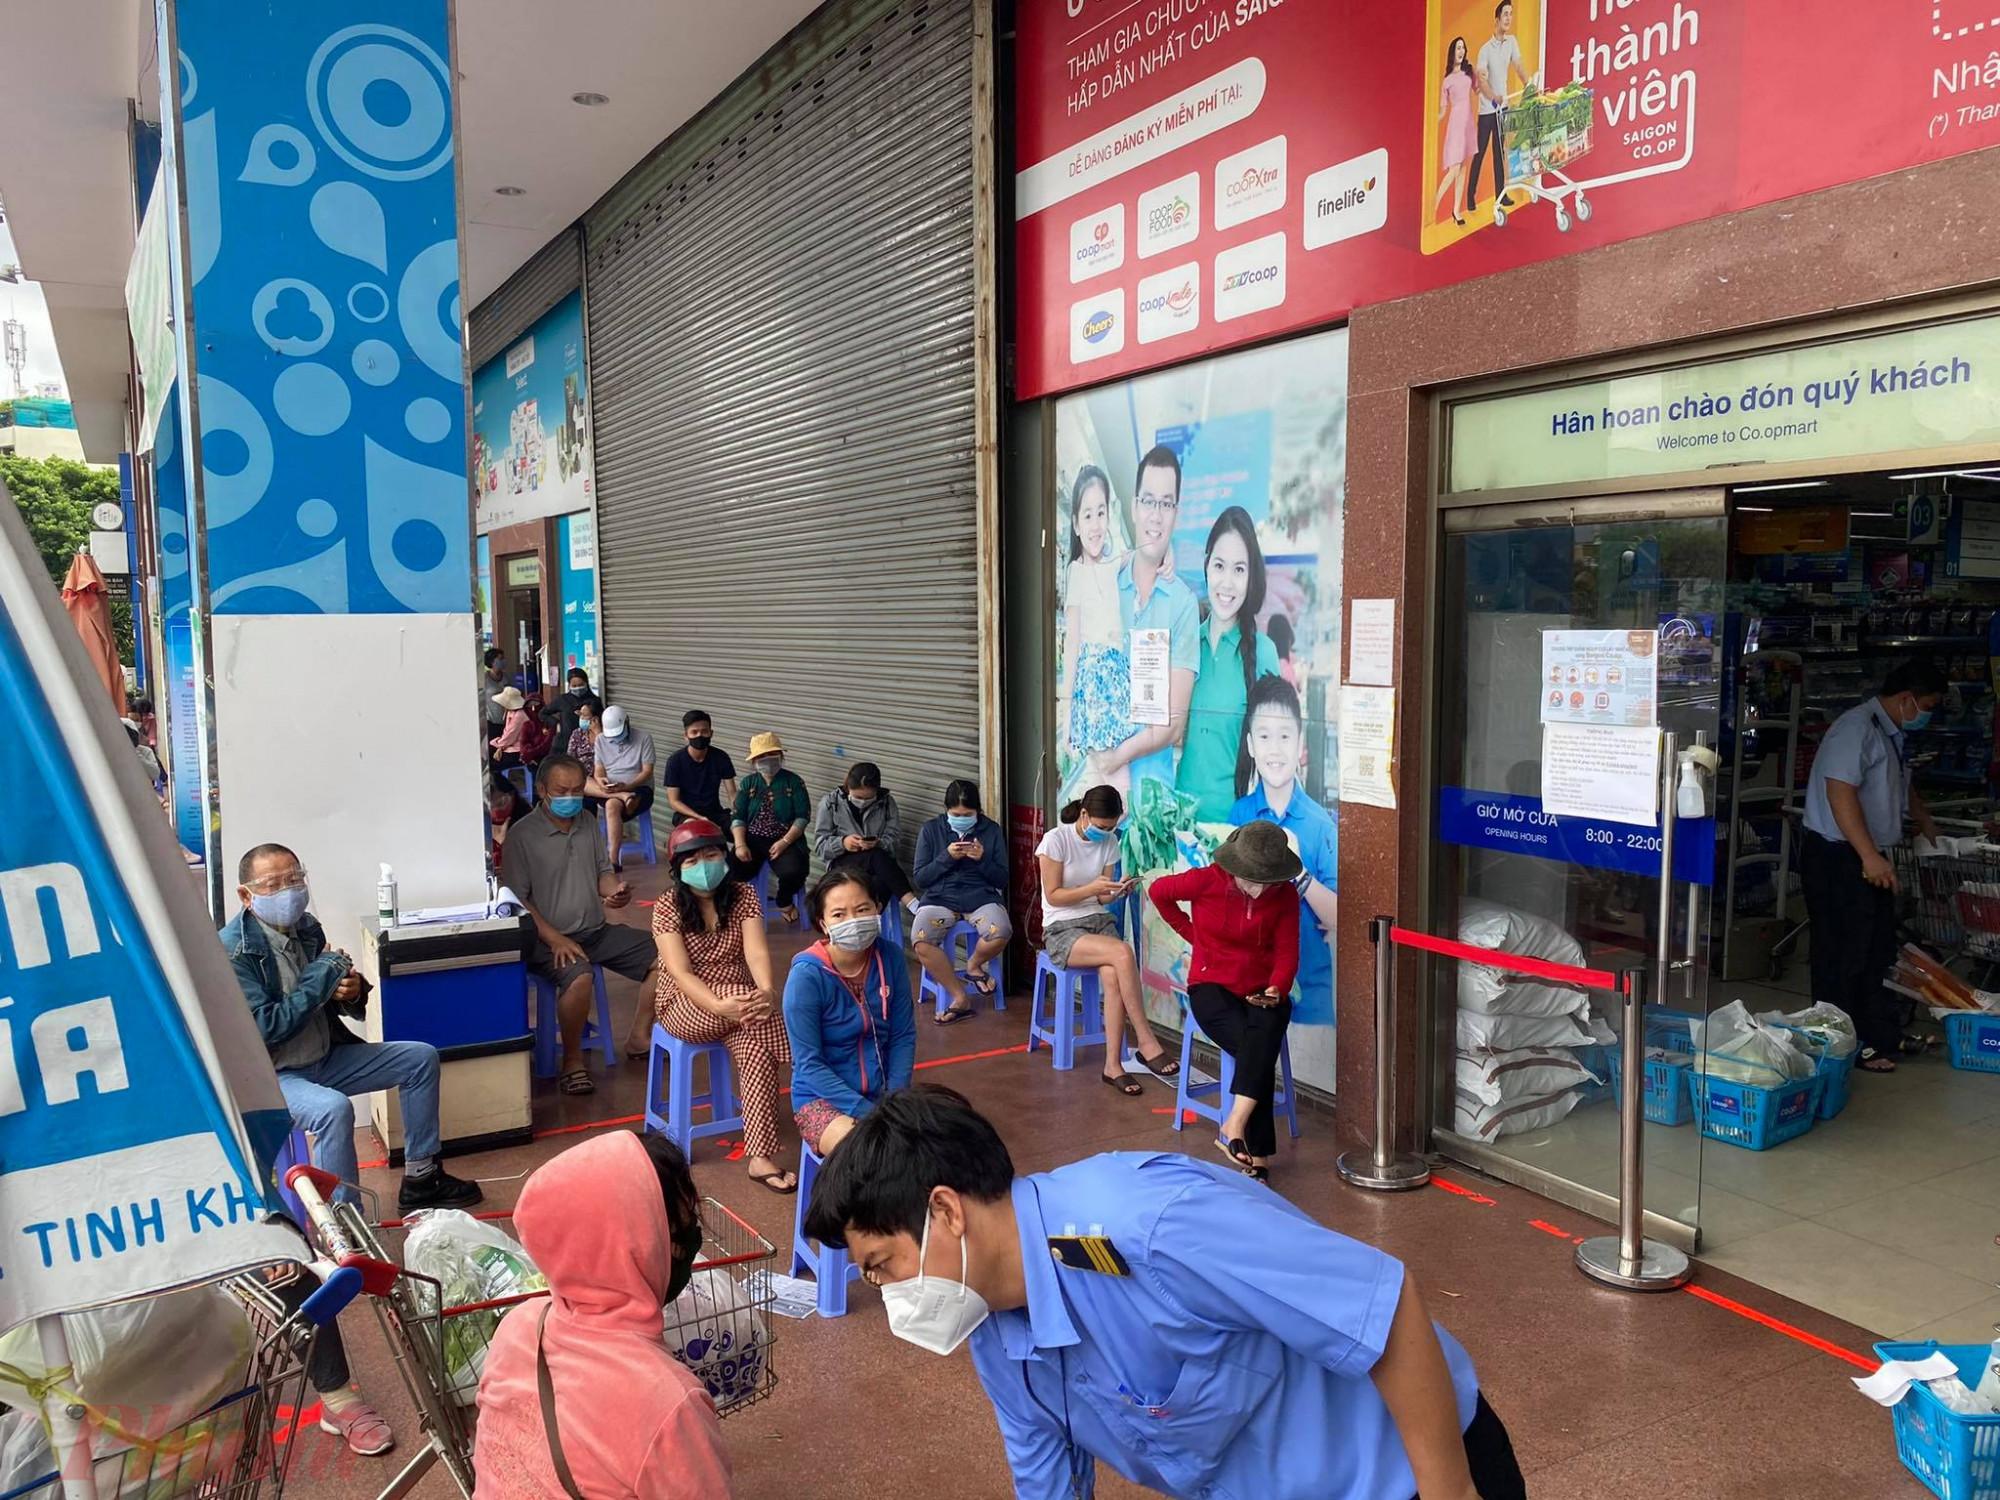 Tại Co.op Nhiêu Lộc đường Trường Sa (Q.3, TPHCM), khách đang ngồi chờ vào mua thực phẩm.Mới đây nhất, UBND 12 phường trên địa bàn Q.3 đã bắt đầu phát phiếu đi siêu thị Co.op cho người dân. Theo đó, siêu thị Co.op Nhiêu Lộc dành cho nhân dân từ P.9 đến P.14, trong đó ngày chẵn là dành cho người dân thuộc khu vực P.10, P.12, P.14; còn ngày lẻ là dành cho người dân thuộc các P.9, P.11, P.13. Còn tại siêu thị Co.op Mart Nguyễn Đình, ngày chẵn sẽ dành cho người dân P.2, P.4 và Võ Thị Sáu; ngày lẻ thì là người dân tại P.1, P.3 và P.5.